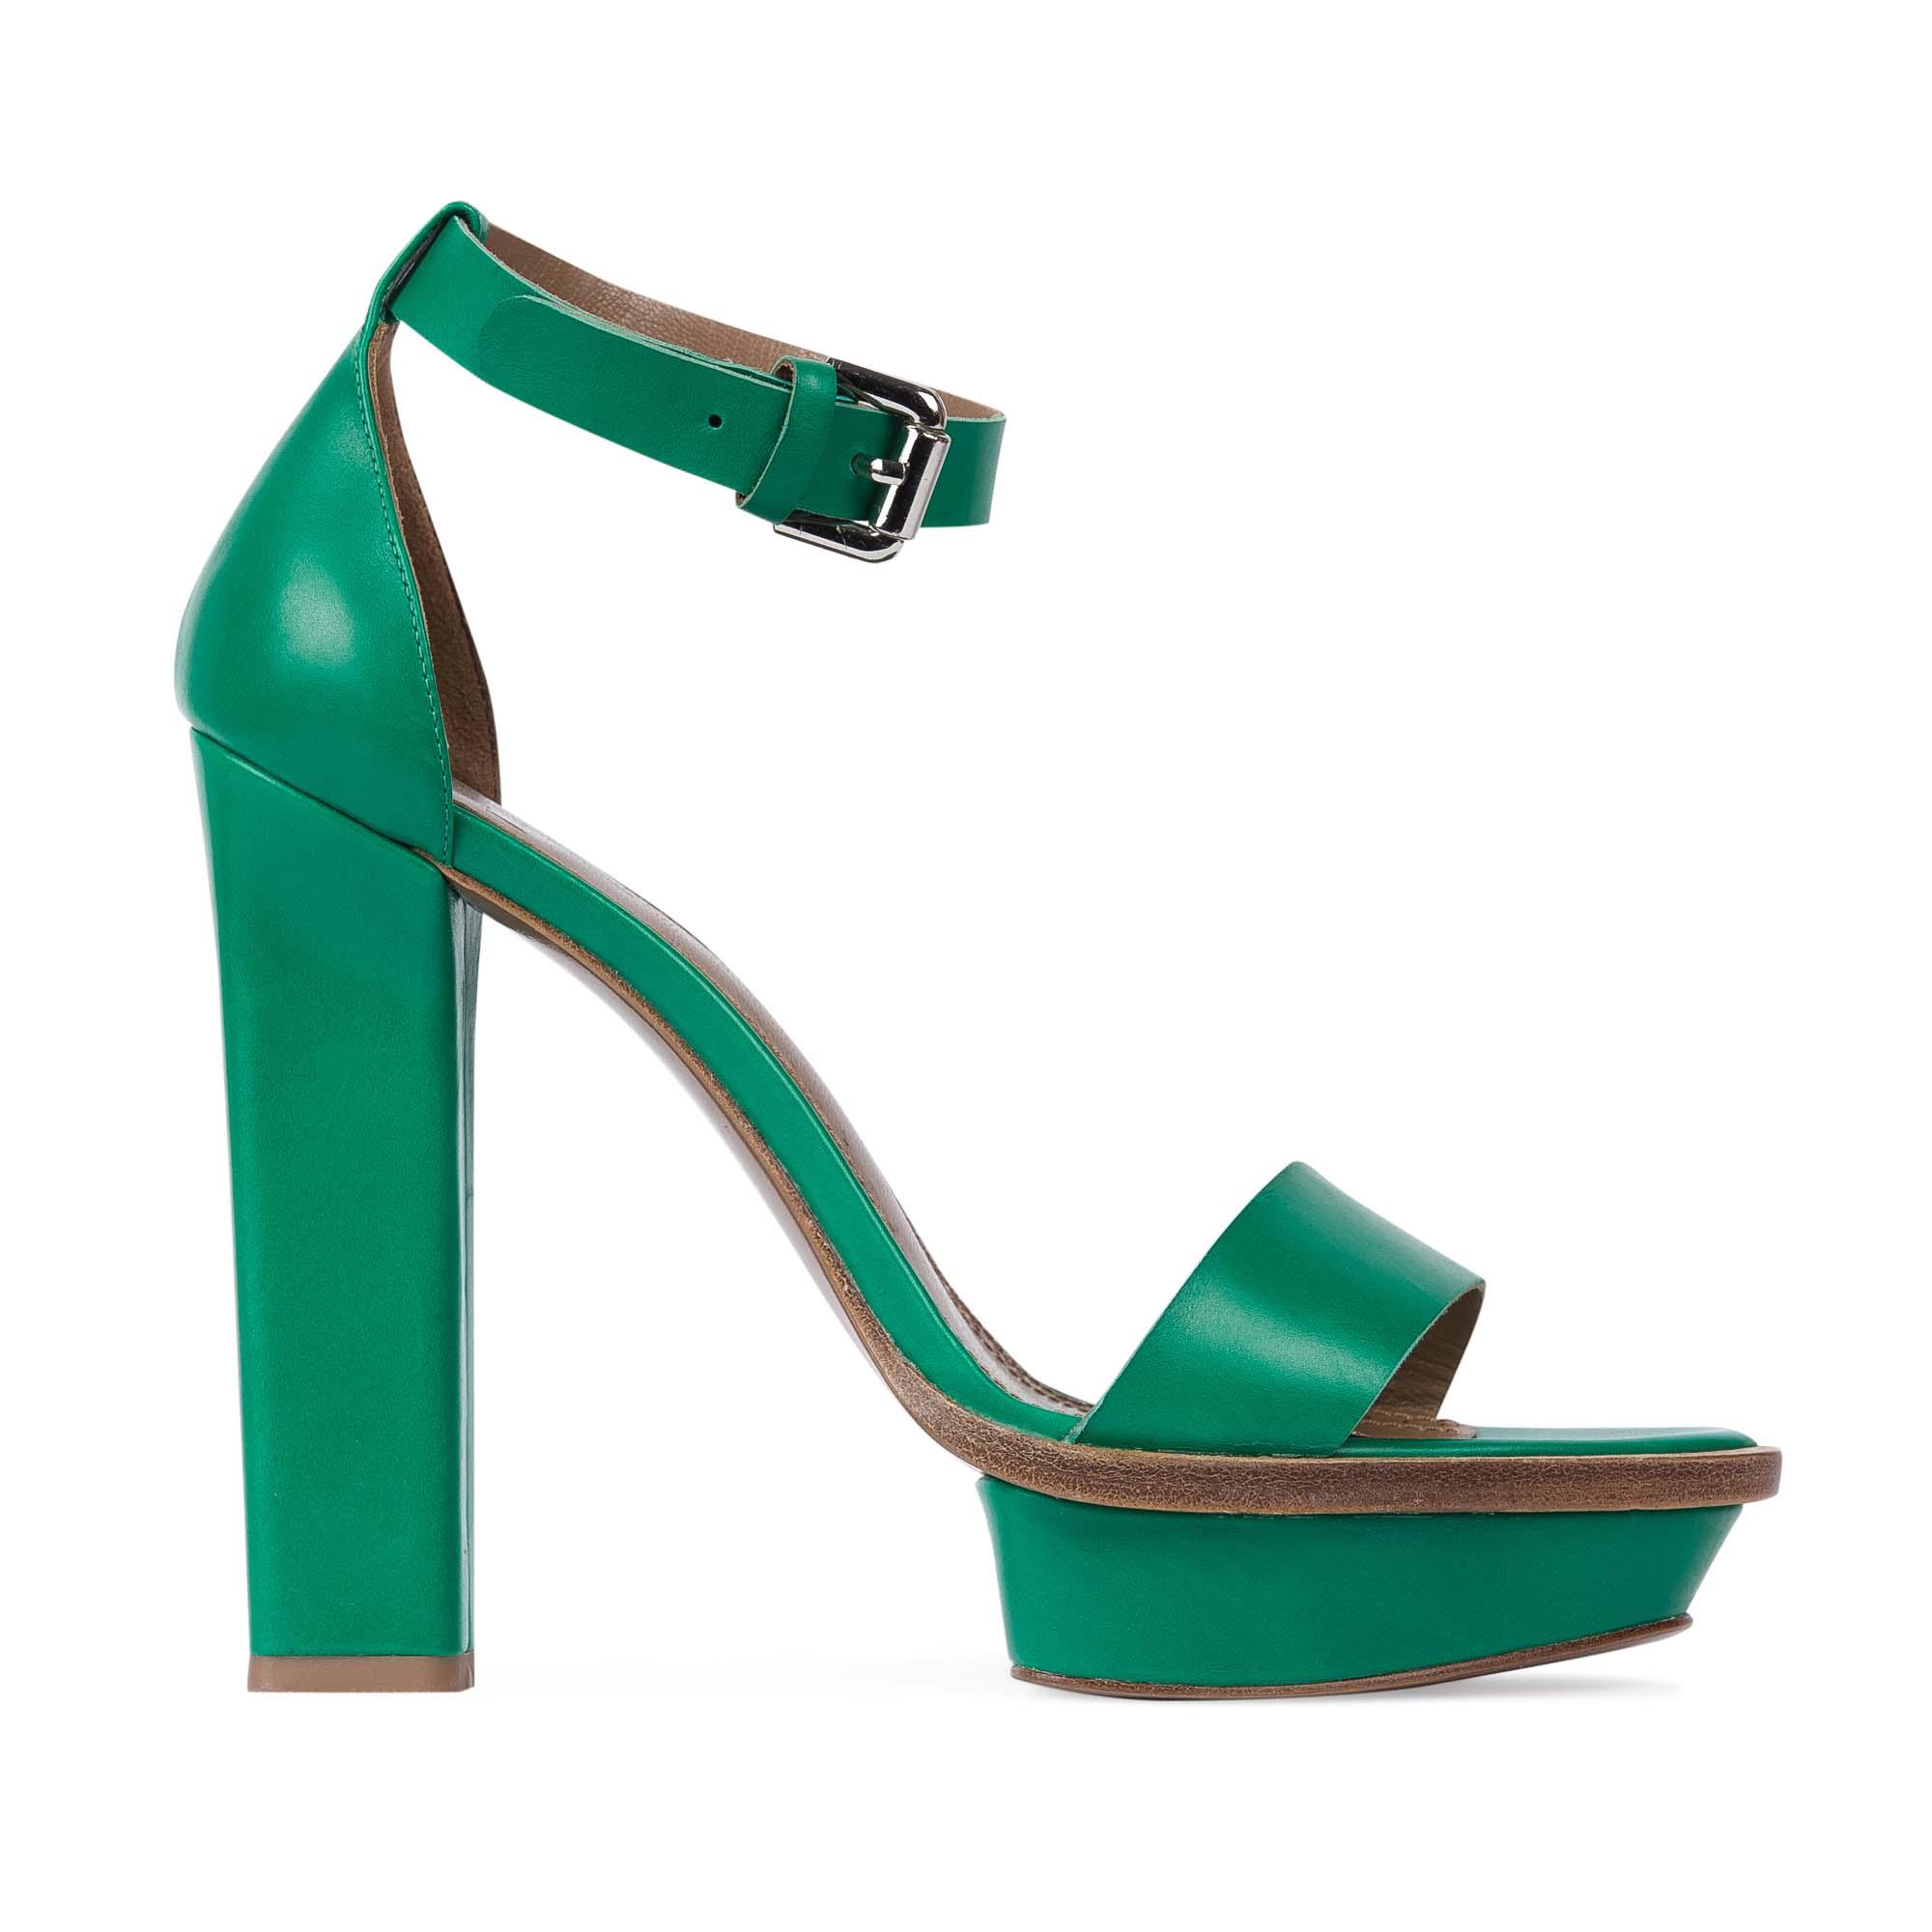 Босоножки из кожи изумрудного цвета на устойчивом каблукеБосоножки женские<br><br>Материал верха: Кожа<br>Материал подкладки: Кожа<br>Материал подошвы: Кожа<br>Цвет: Зеленый<br>Высота каблука: 13 см<br>Дизайн: Италия<br>Страна производства: Китай<br><br>Высота каблука: 13 см<br>Материал верха: Кожа<br>Материал подкладки: Кожа<br>Цвет: Зеленый<br>Вес кг: 0.67600000<br>Размер: 38